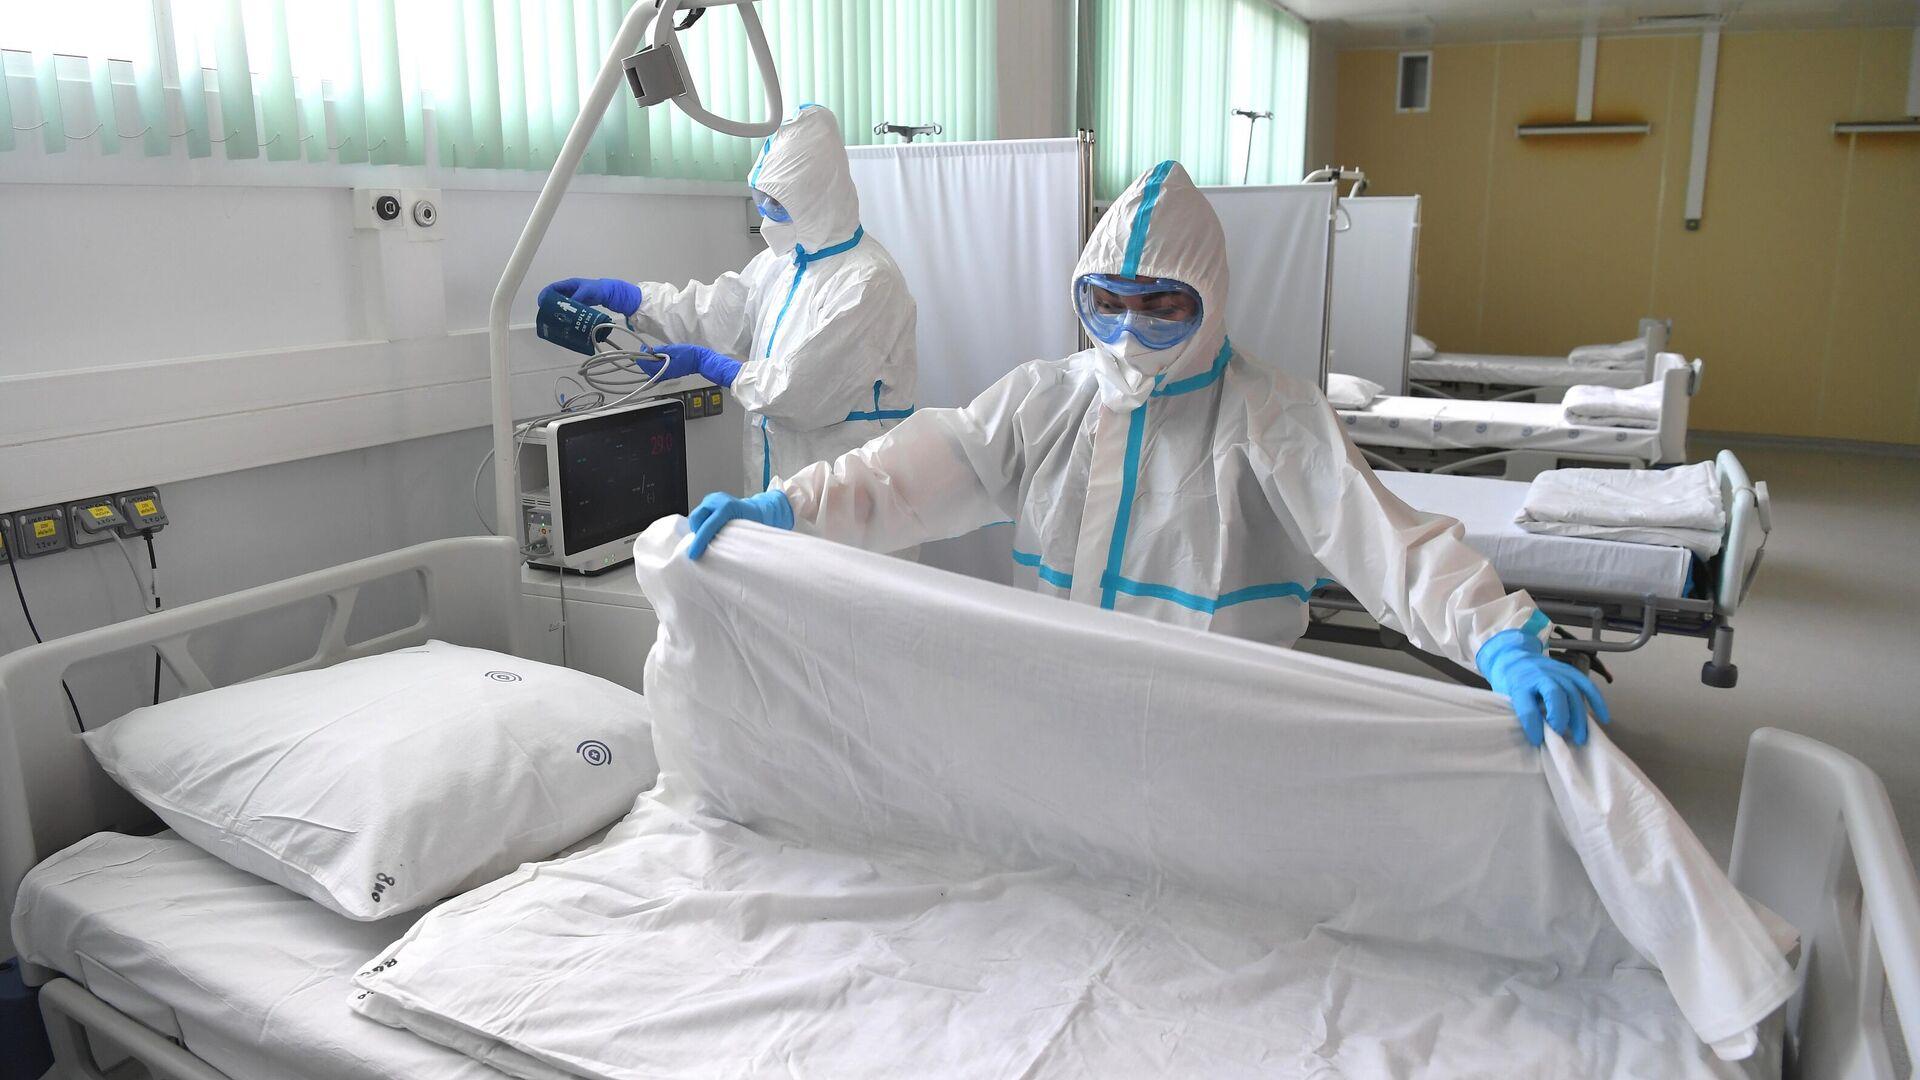 Медицинские работники в палате Московского клинического центра инфекционных болезней Вороновское - РИА Новости, 1920, 11.06.2021